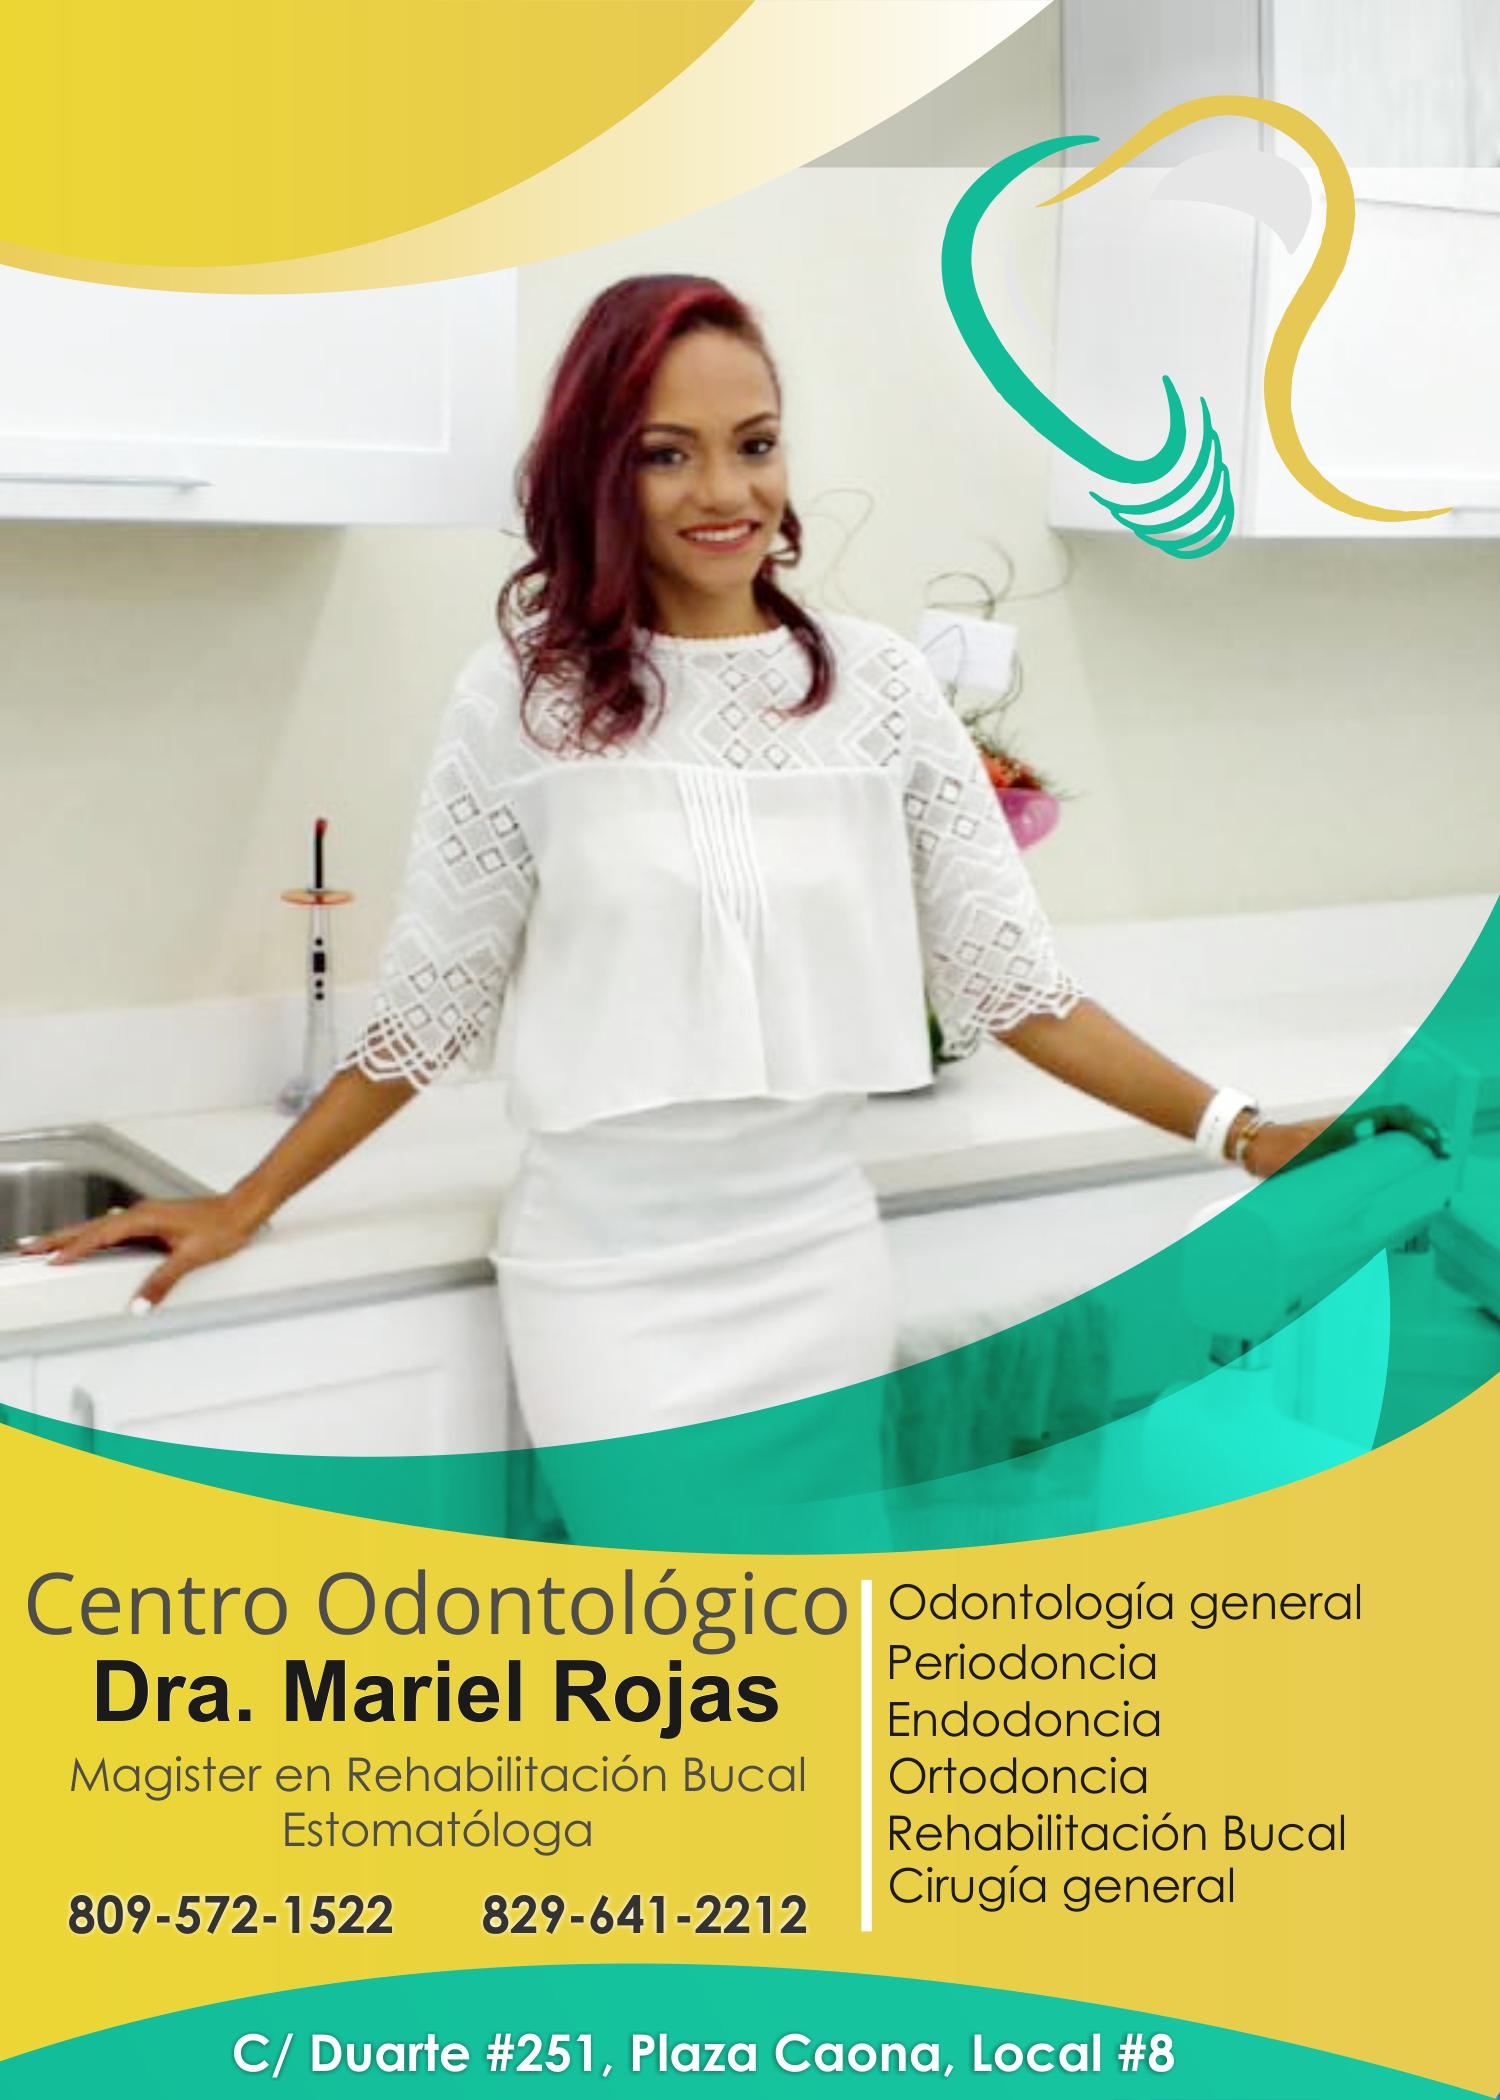 Centro Odontológico Dra. Mariel Rojas